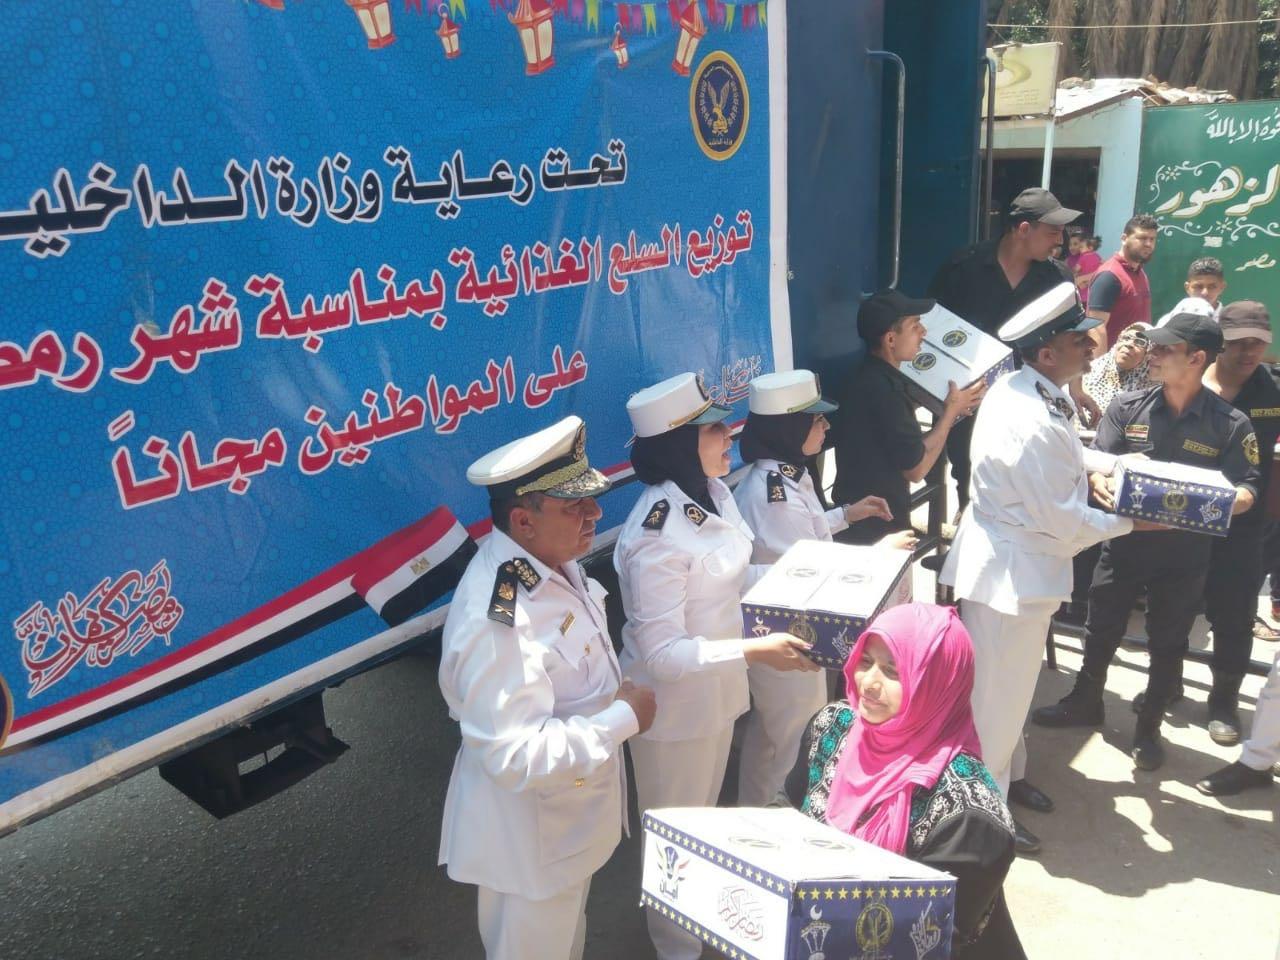 بالصور | ضباط وزارة الداخلية يوزعون السلع الغذائية مجانًا على المواطنين